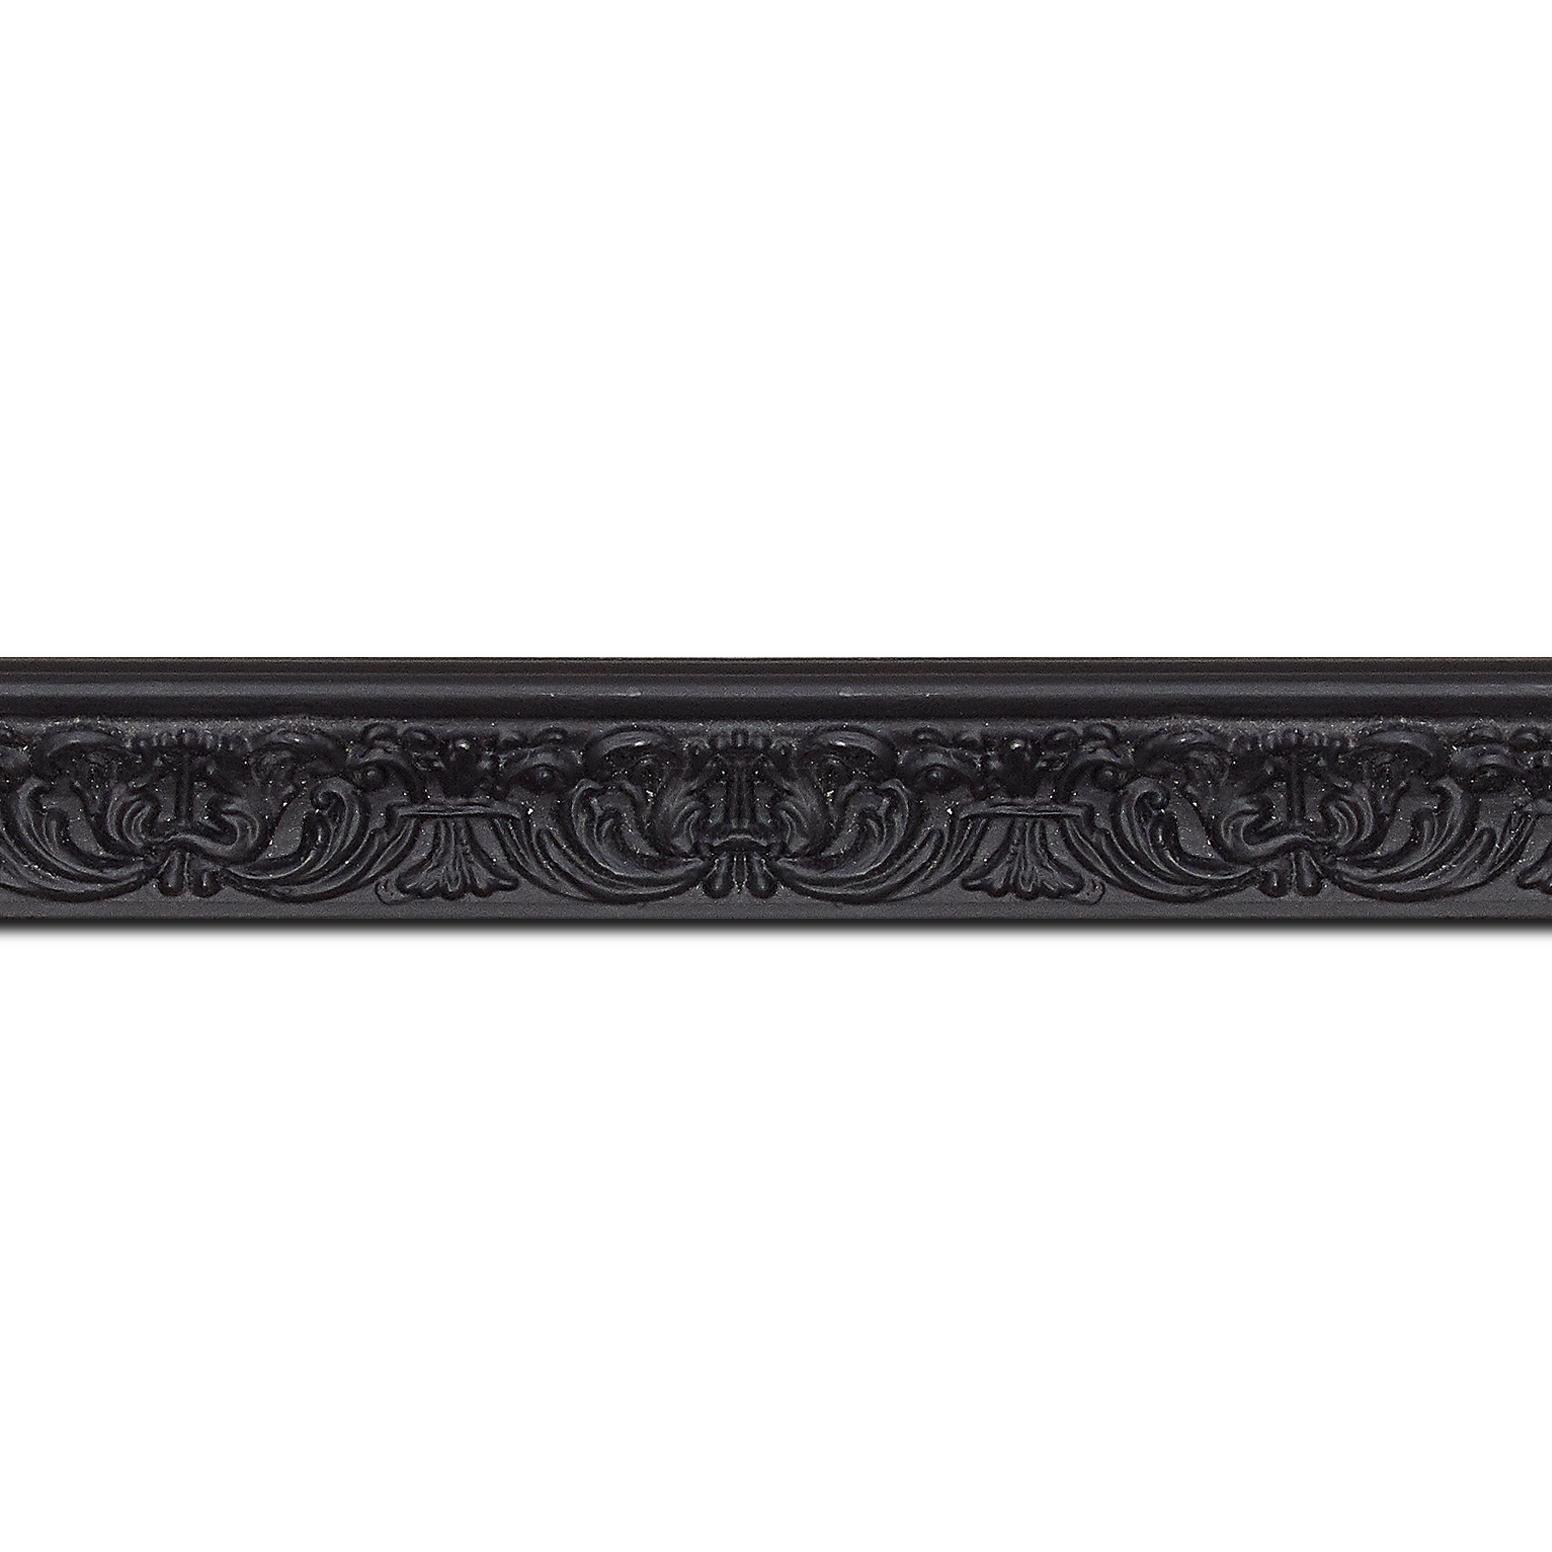 Baguette longueur 1.40m bois profil incurvé largeur 2.6cm couleur noir en relief sur fond noir